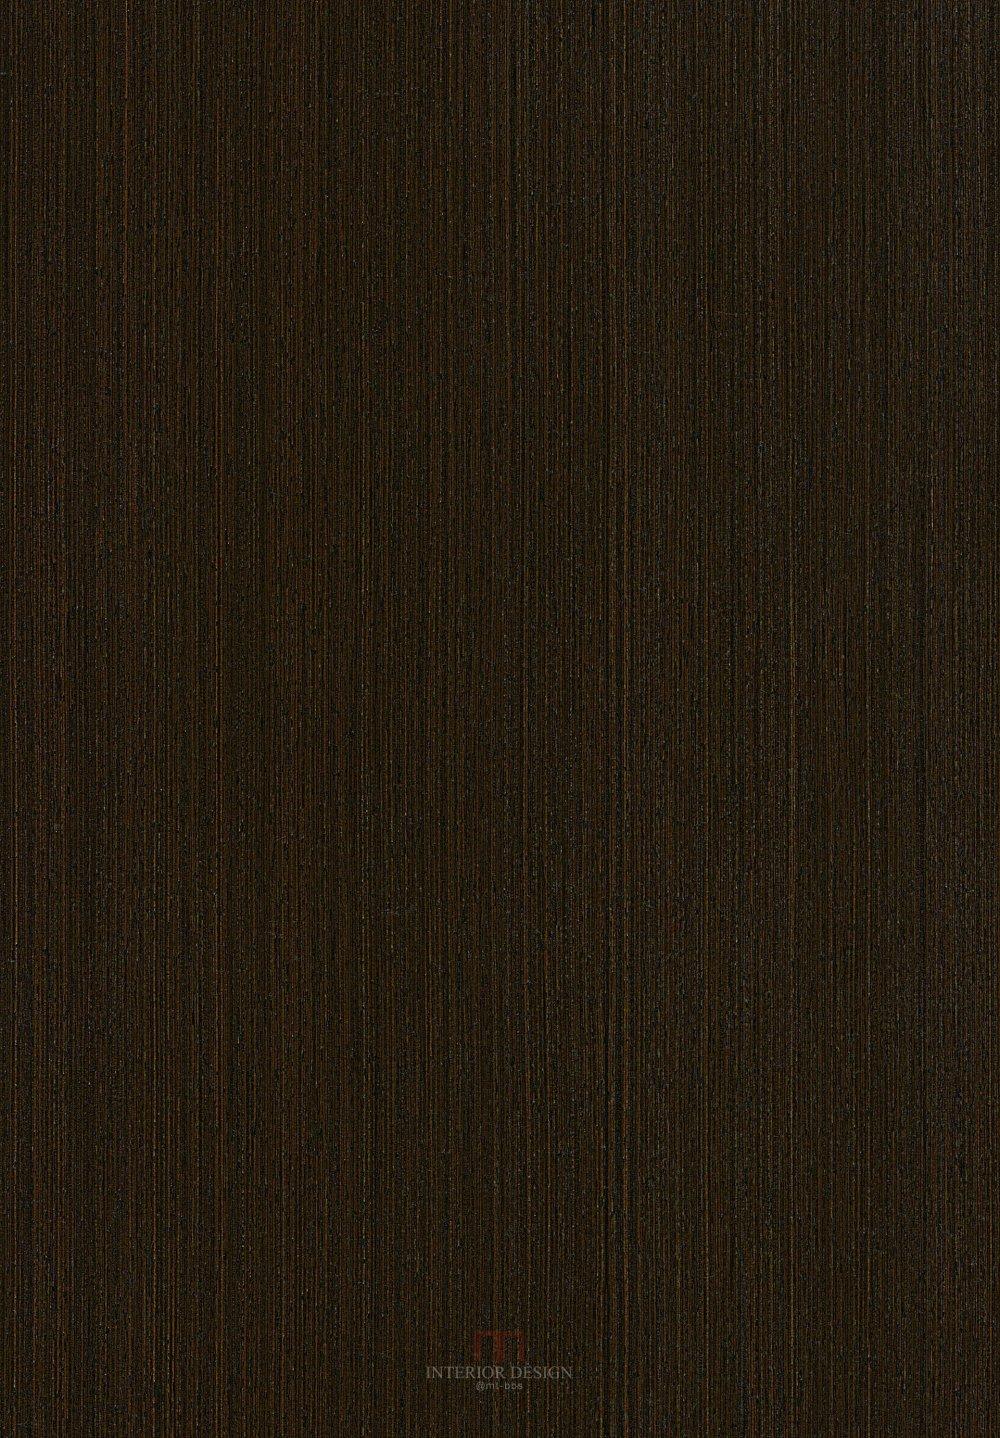 人造木纹_K6201_F0603.jpg